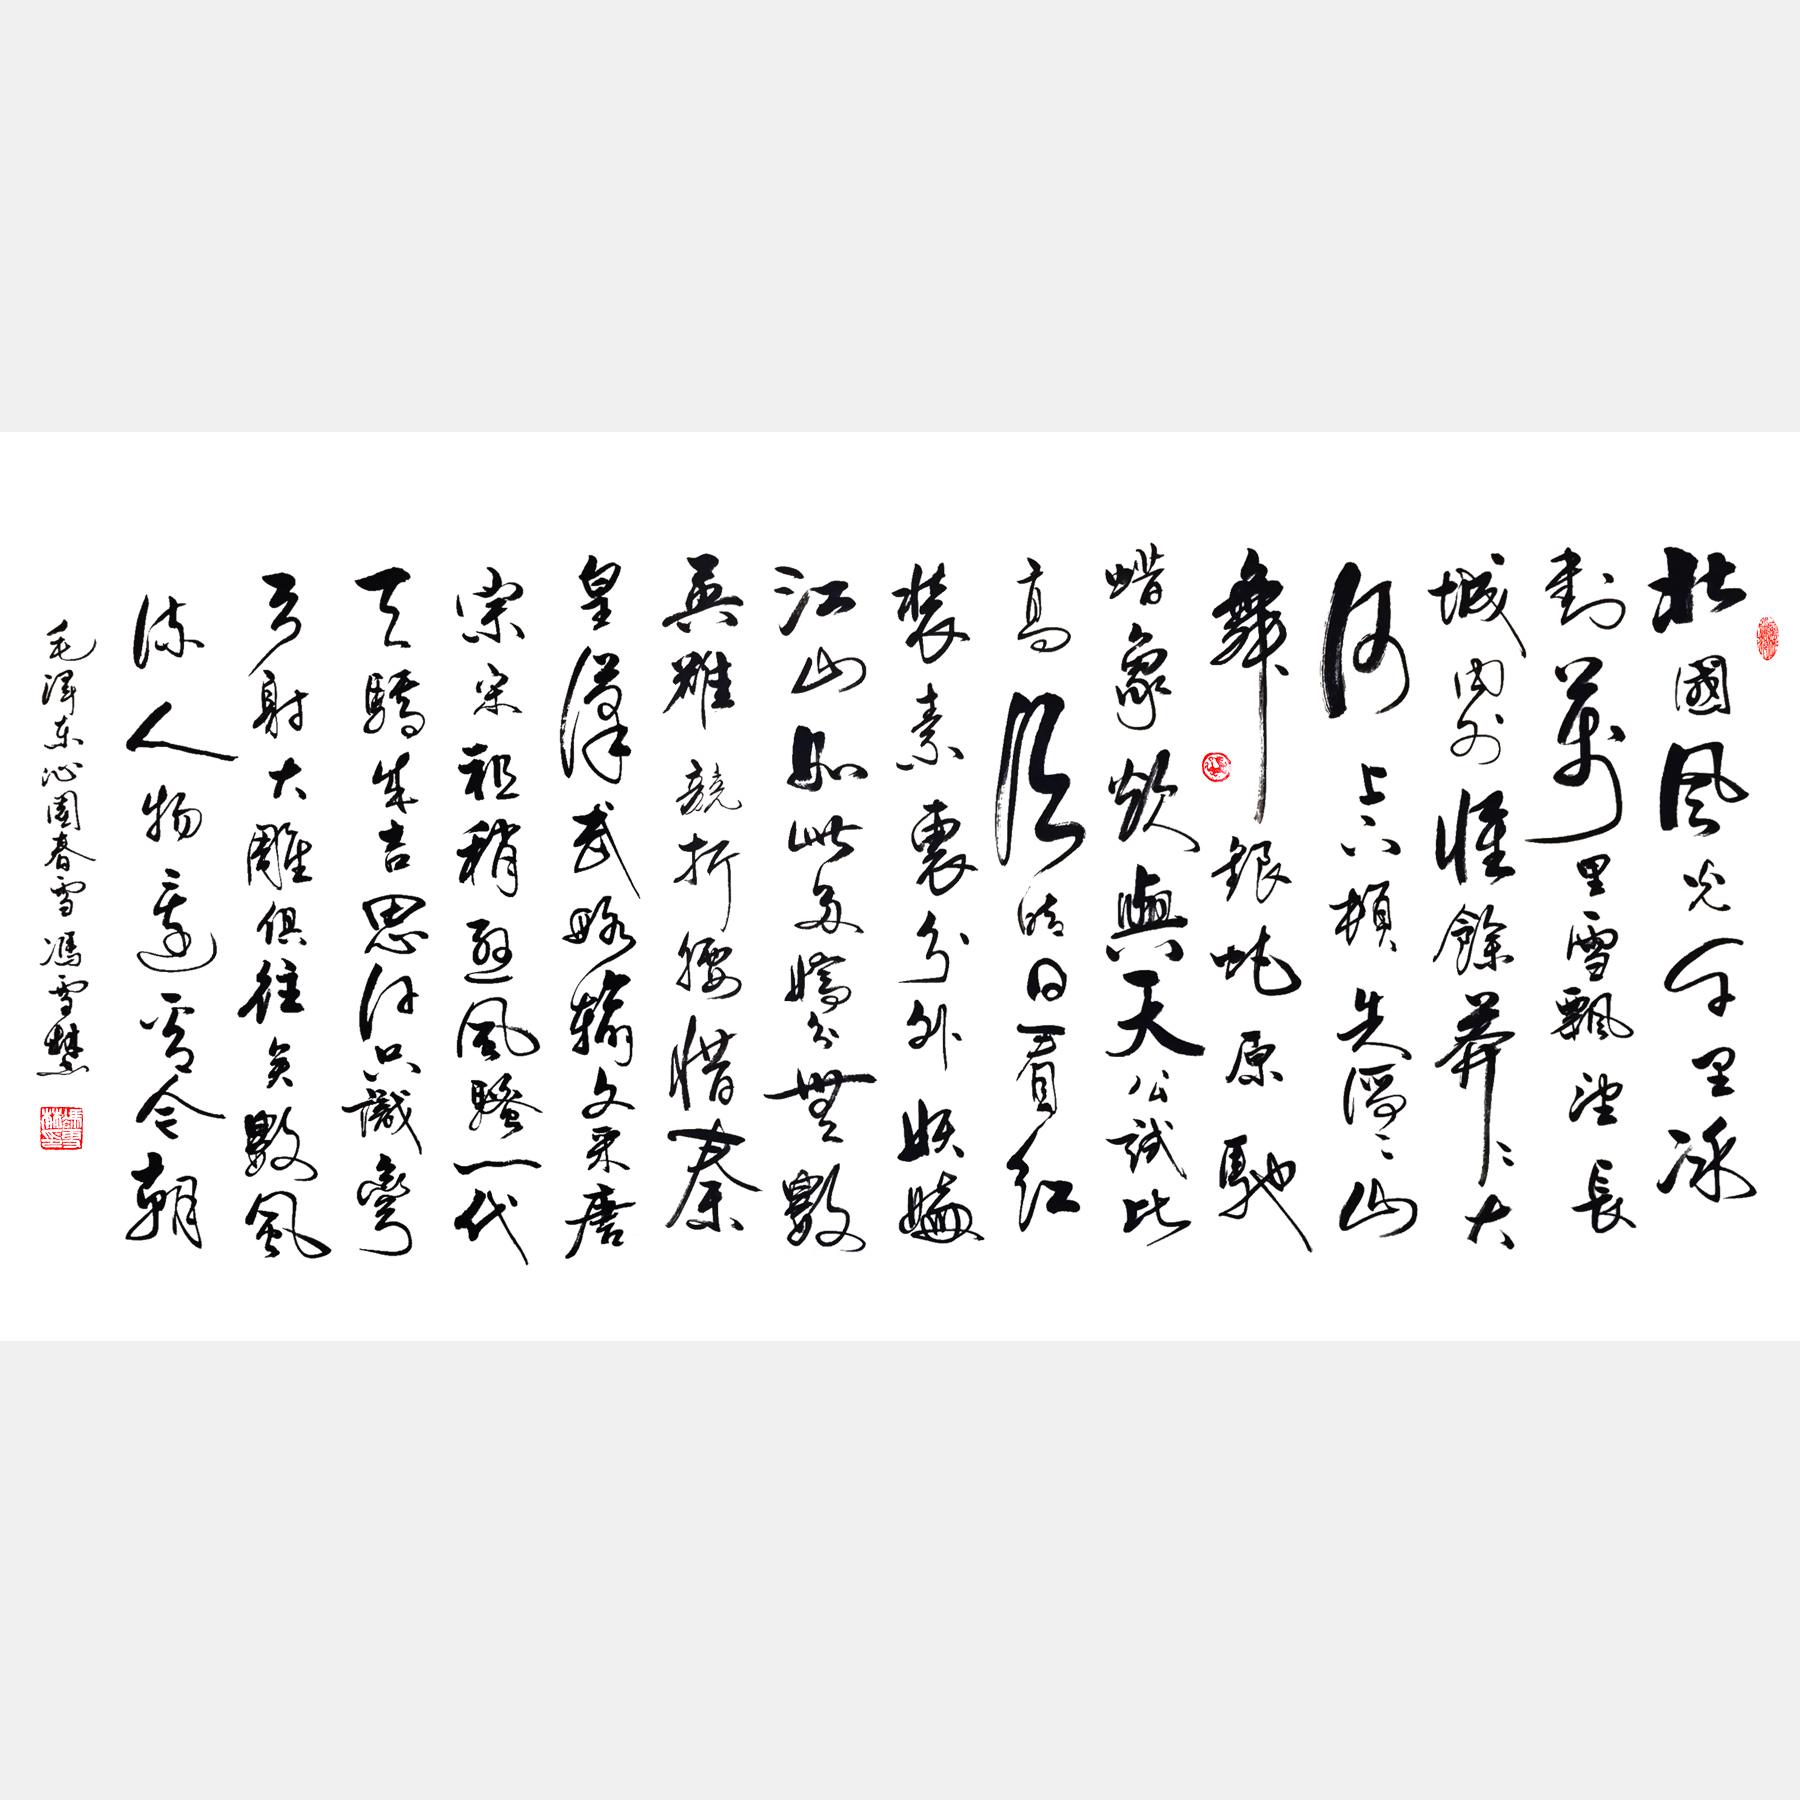 """毛主席《沁园春・雪》行书作品 沁园春雪行草书法字画 红色诗词 """"中国有词以来第一手"""""""